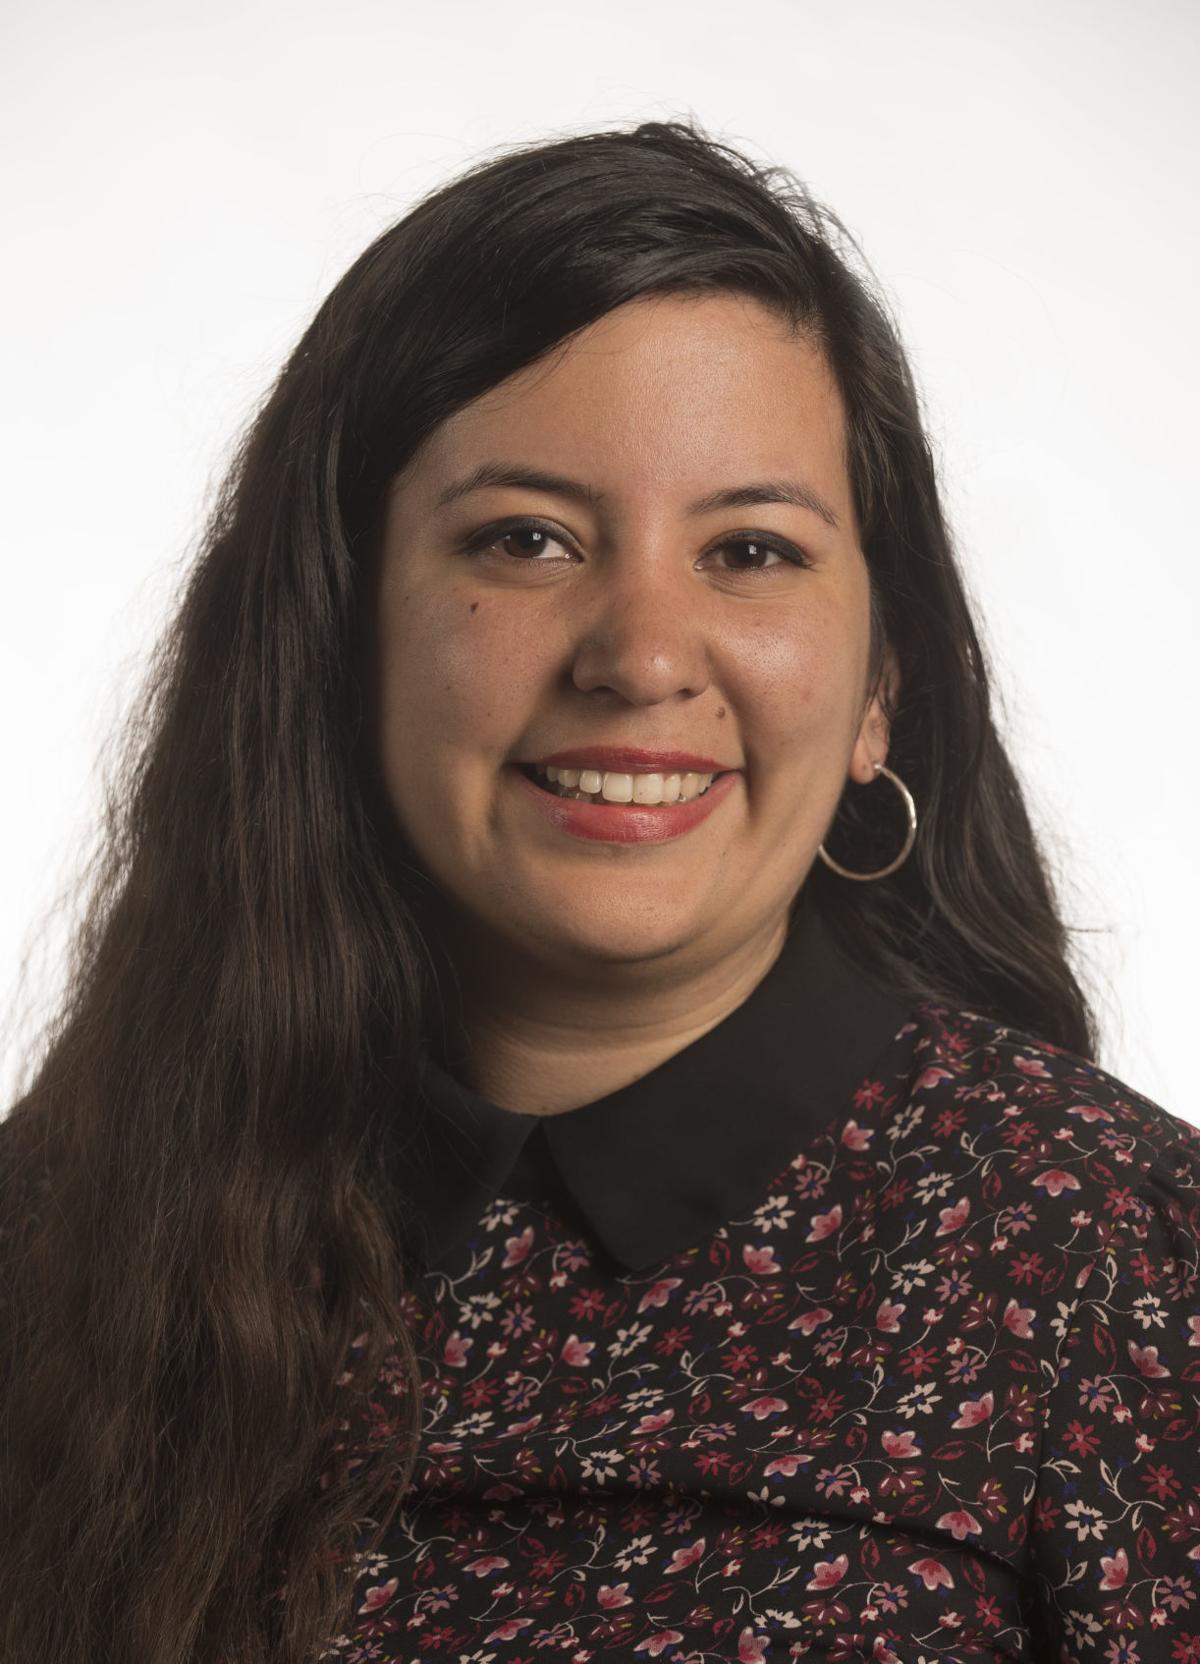 Reporter Megan Taros